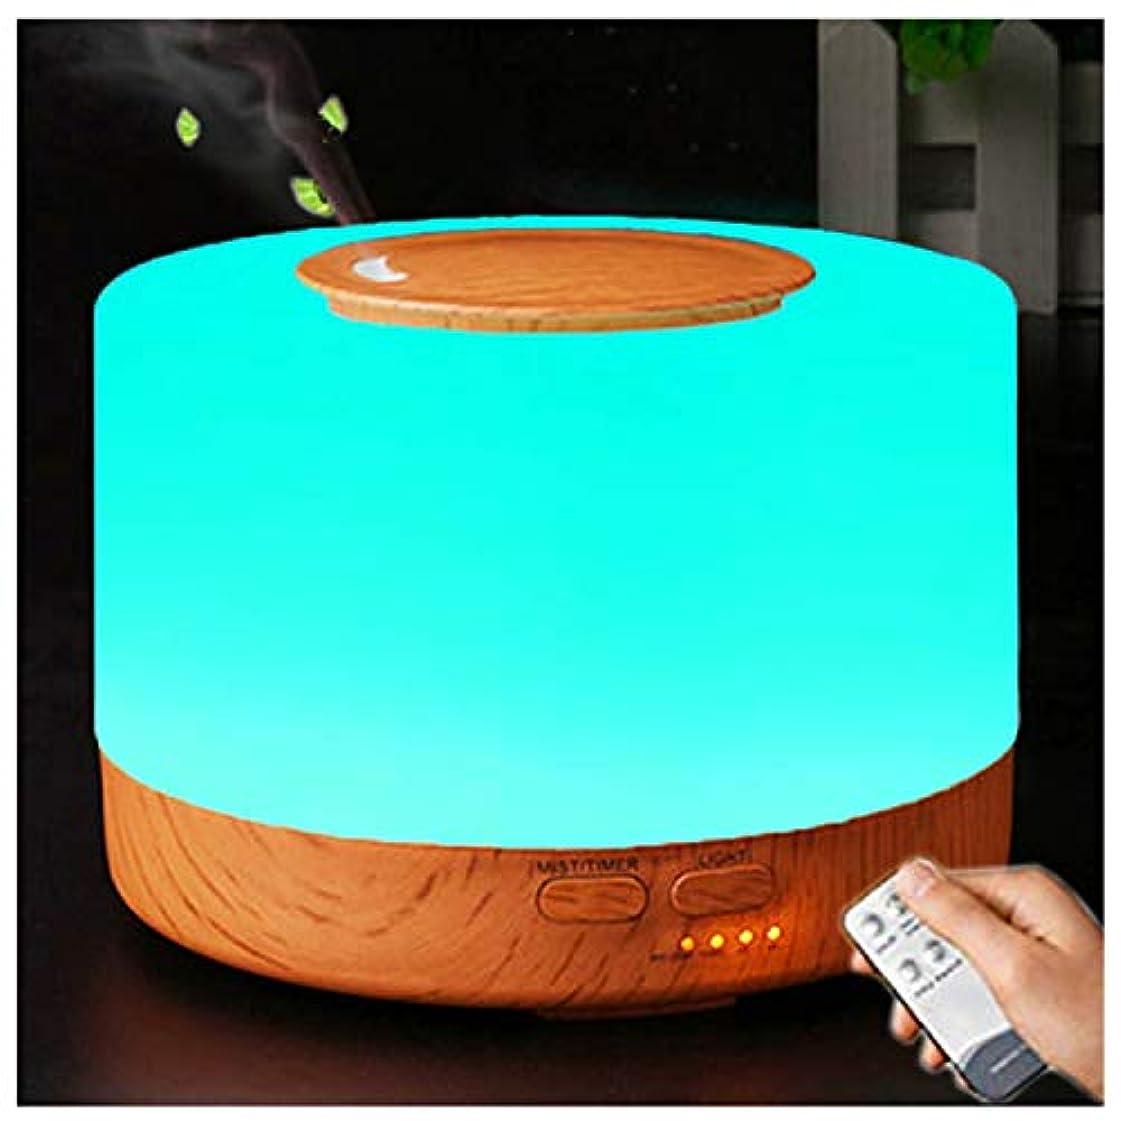 無傷ペンフレンド相対サイズアロマディフューザー 加湿器, 卓上 大容量 超音波加湿器, 500ML 保湿 時間設定 空焚き防止 7色変換LED搭載 (木目調)